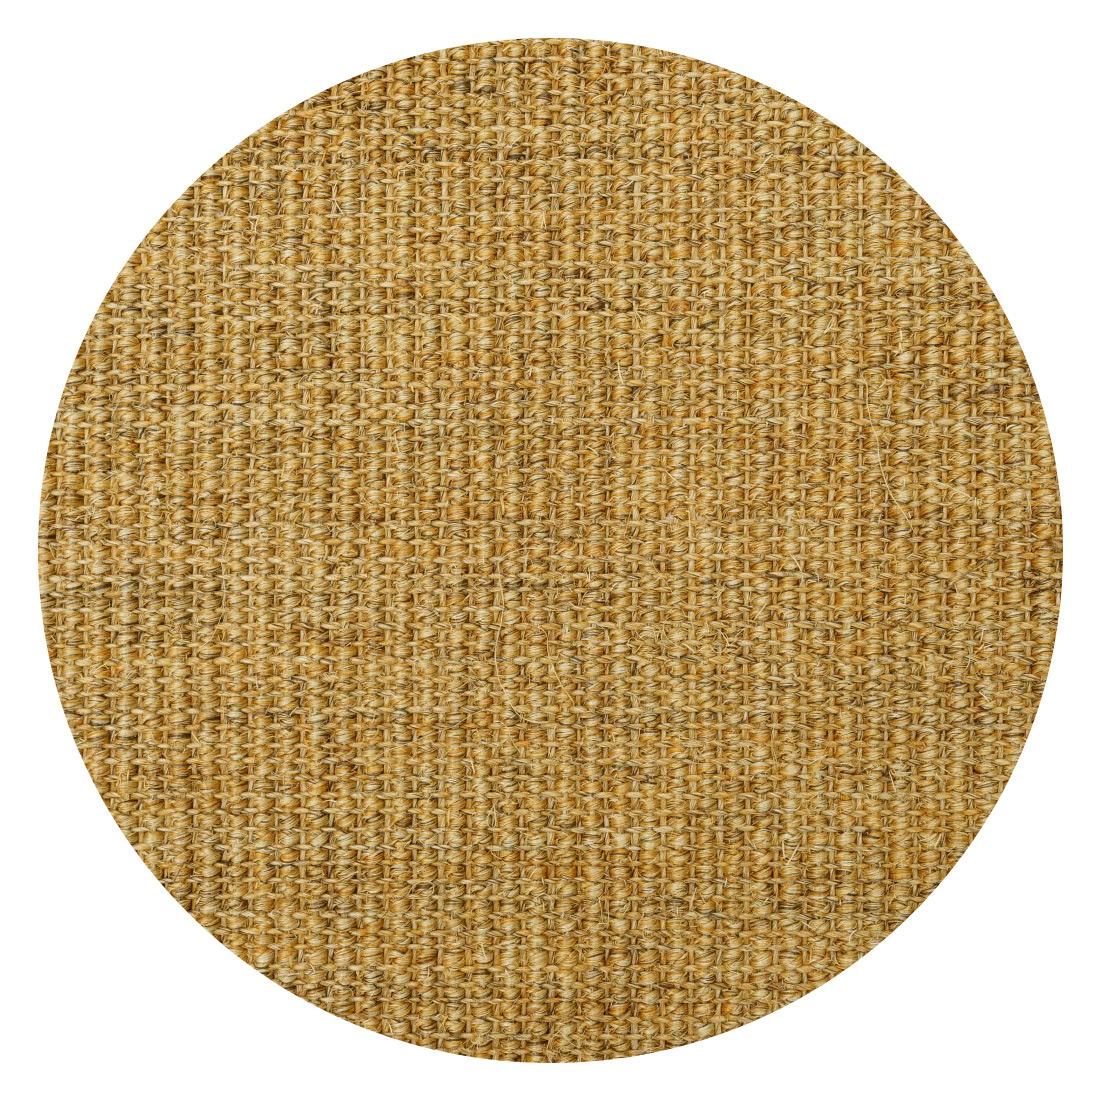 Rond Sisal Vloerkleed Lima Authentiek Gold